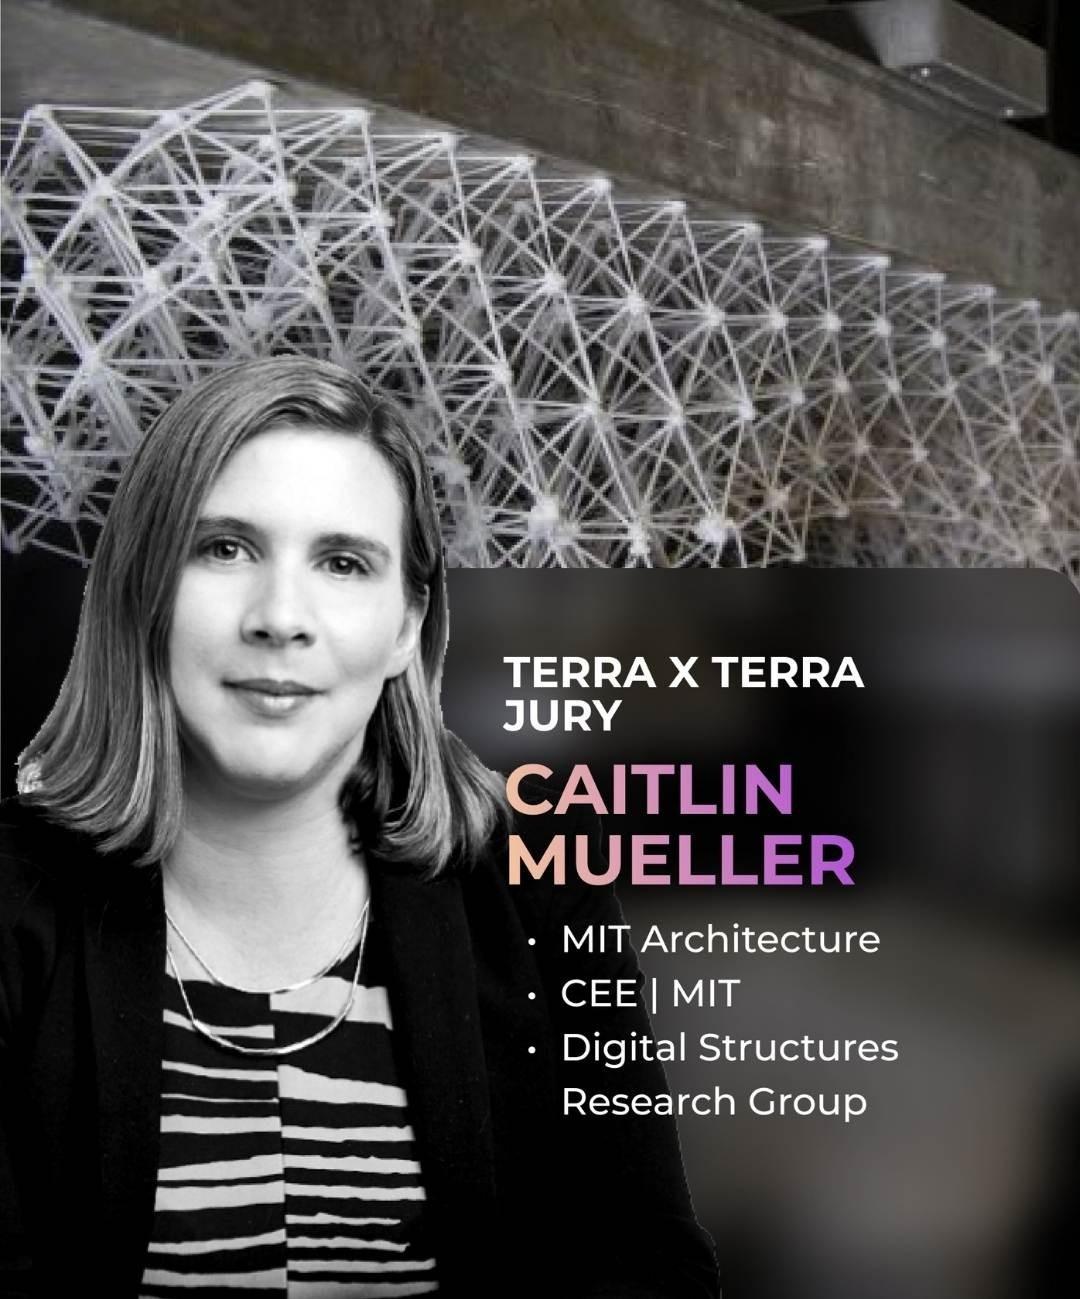 Caitlin Mueller | MIT Architecture | Digital Structures | Futurly